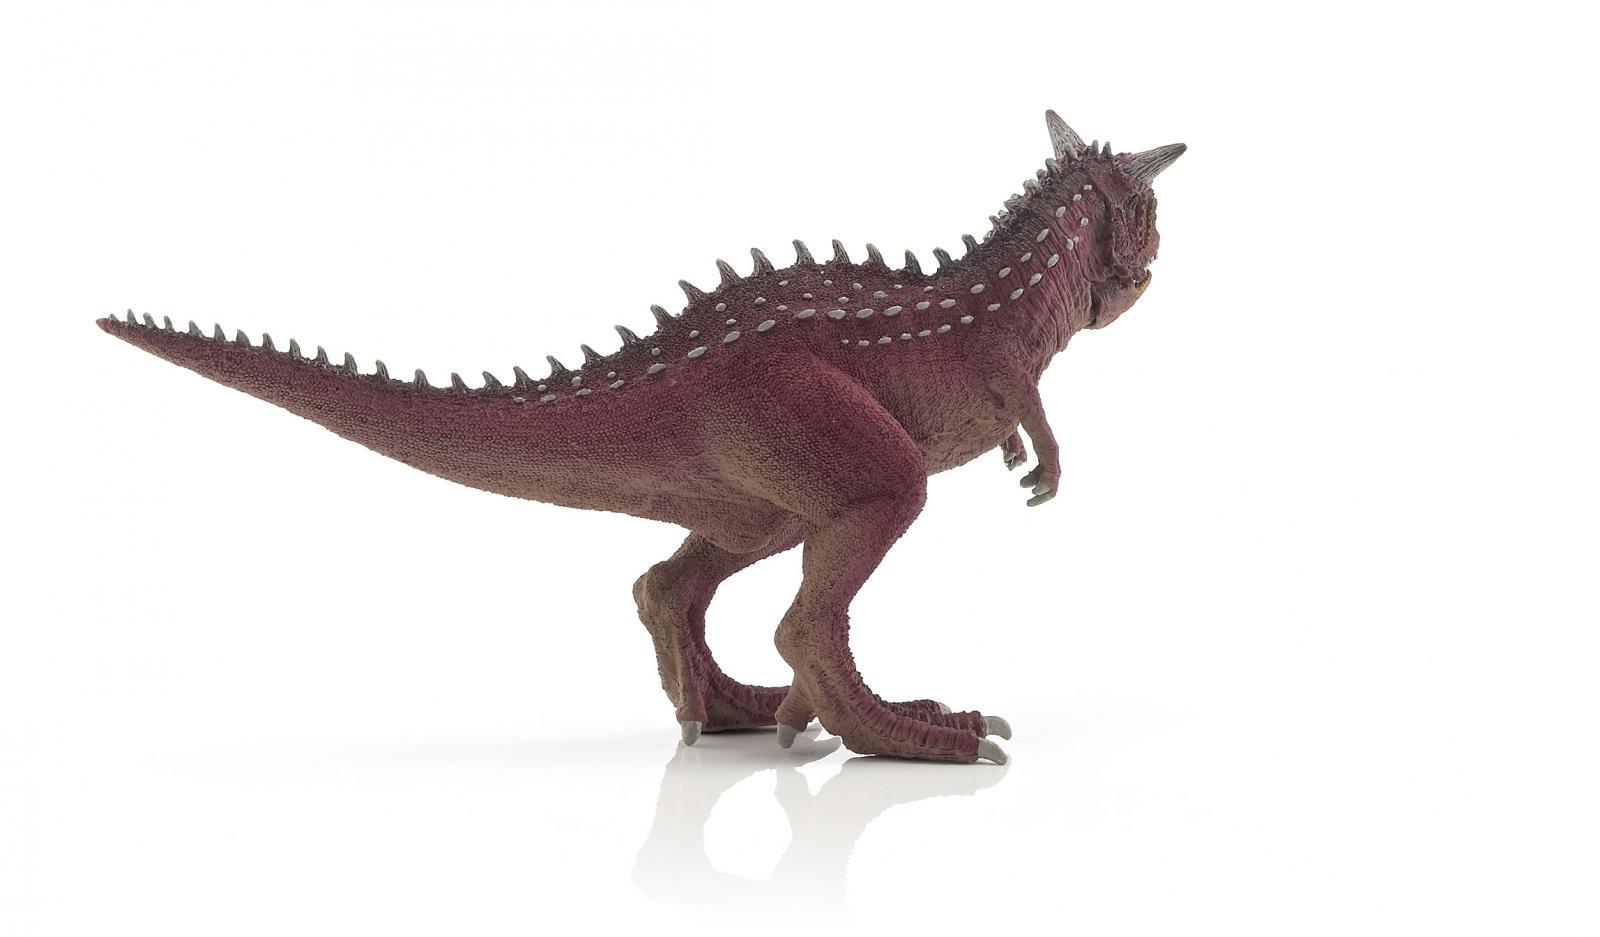 динозавры фигурки картинки маникюр многих